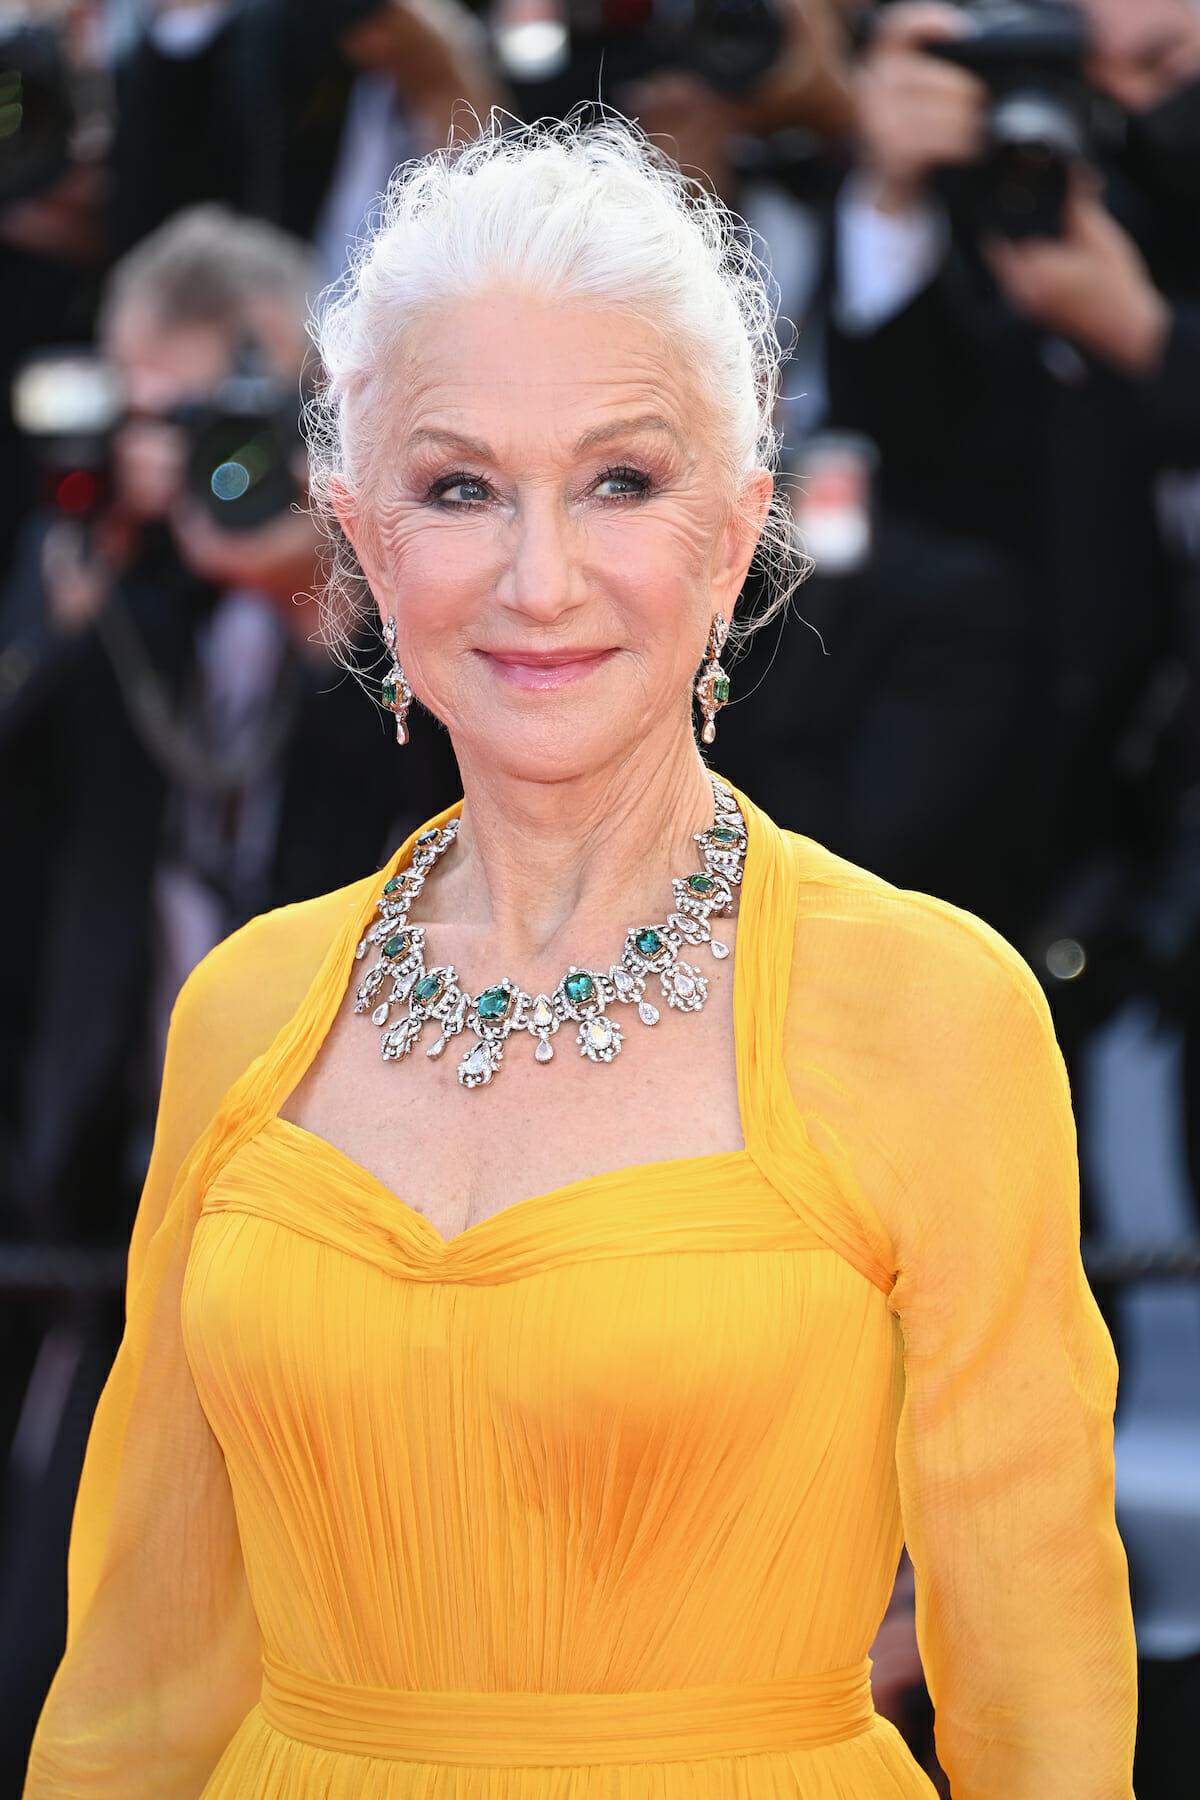 Helen Mirren như một nữ hoàng trong một bộ trang sức tinh xảo, những viên kim cương trắng và ngọc lục bảo.